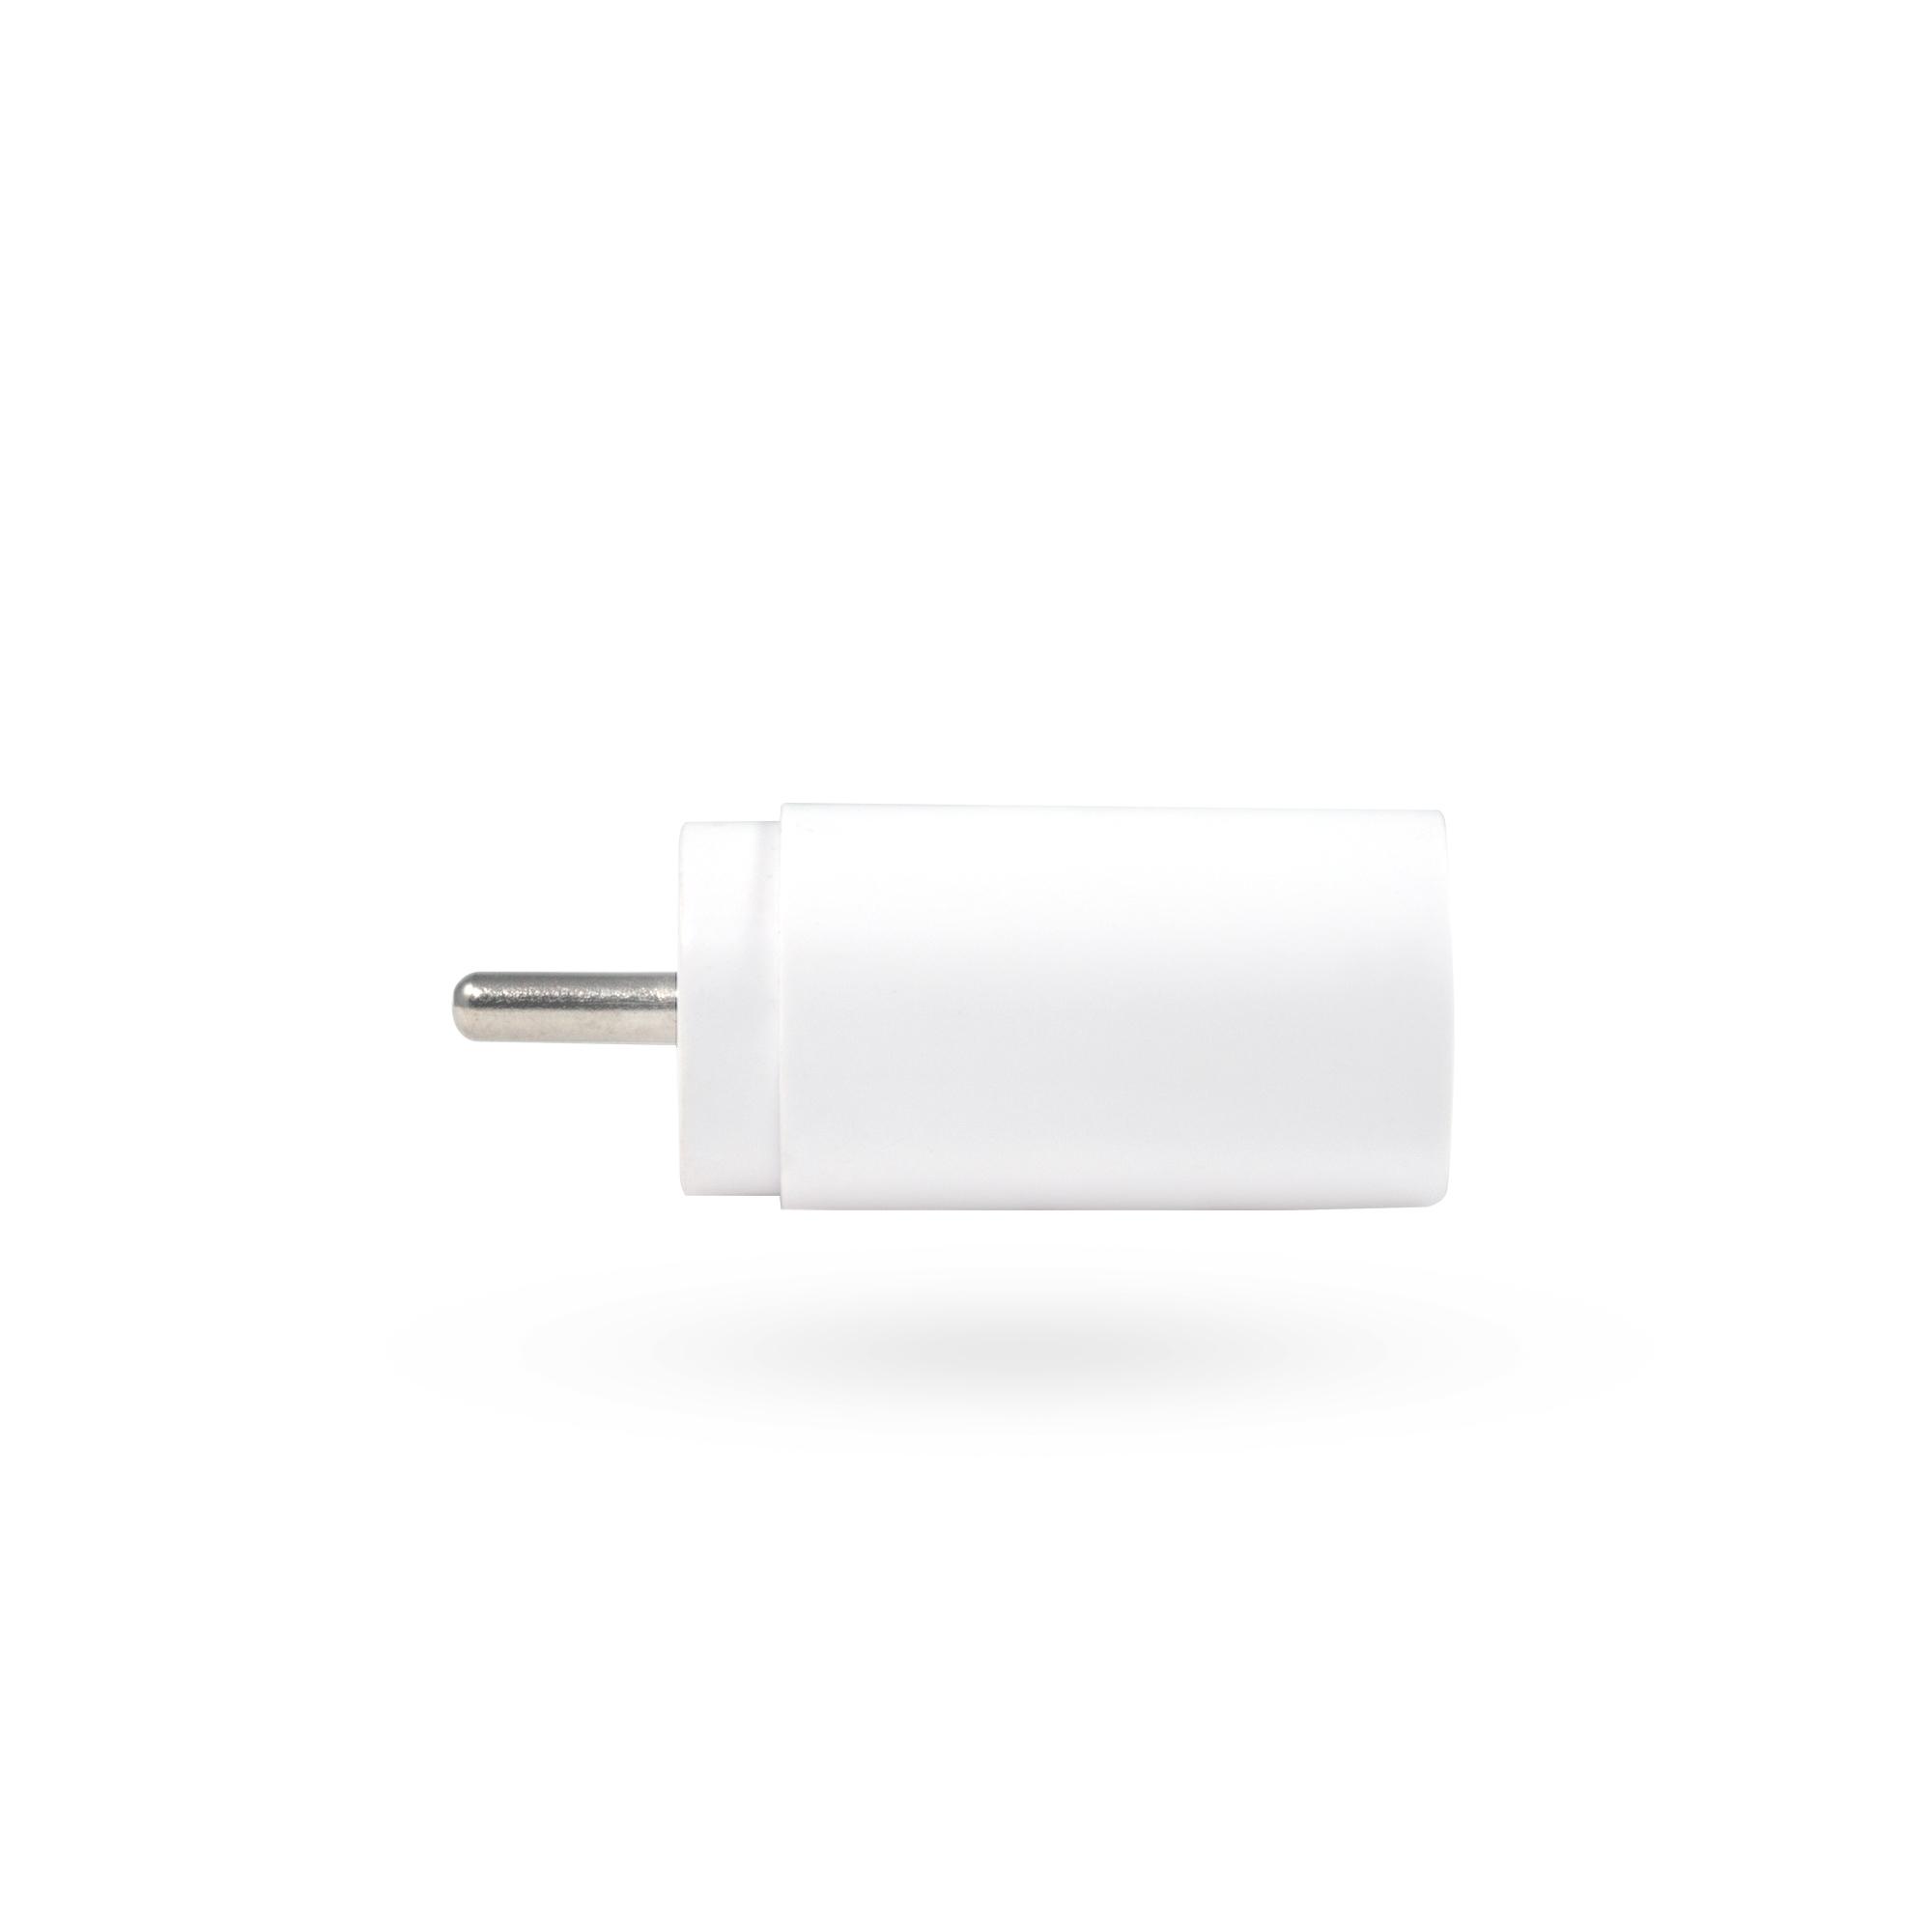 3.4 Amp 2 USB DOCK C-038